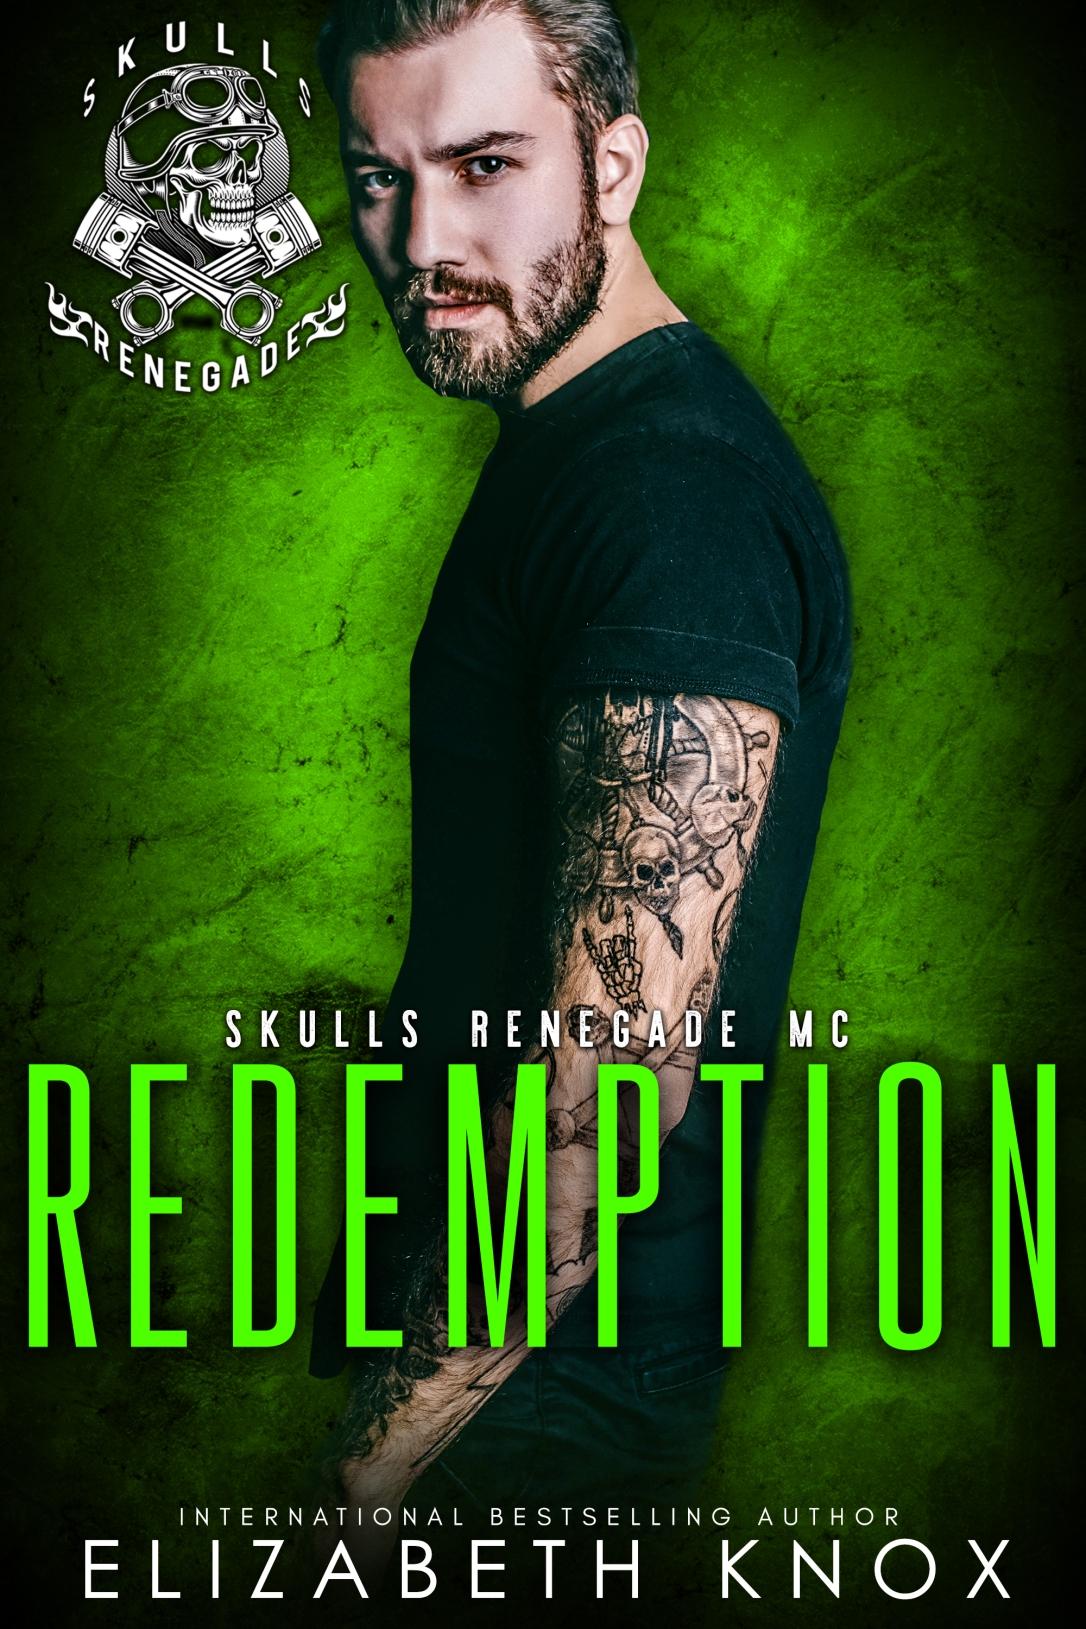 RedemptionNEW